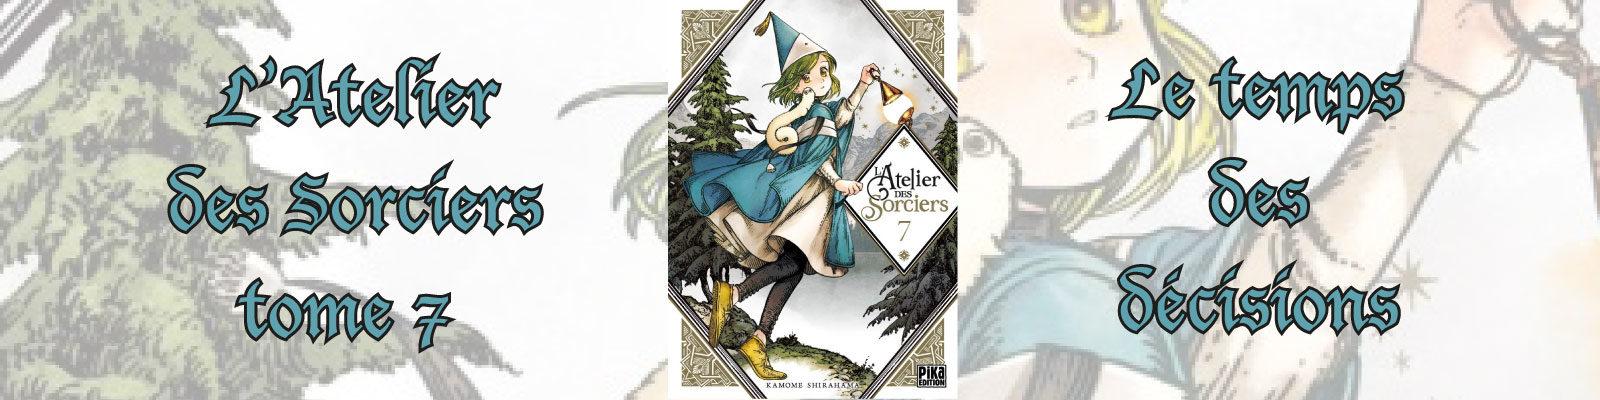 L'Atelier des Sorciers-Vol.-7